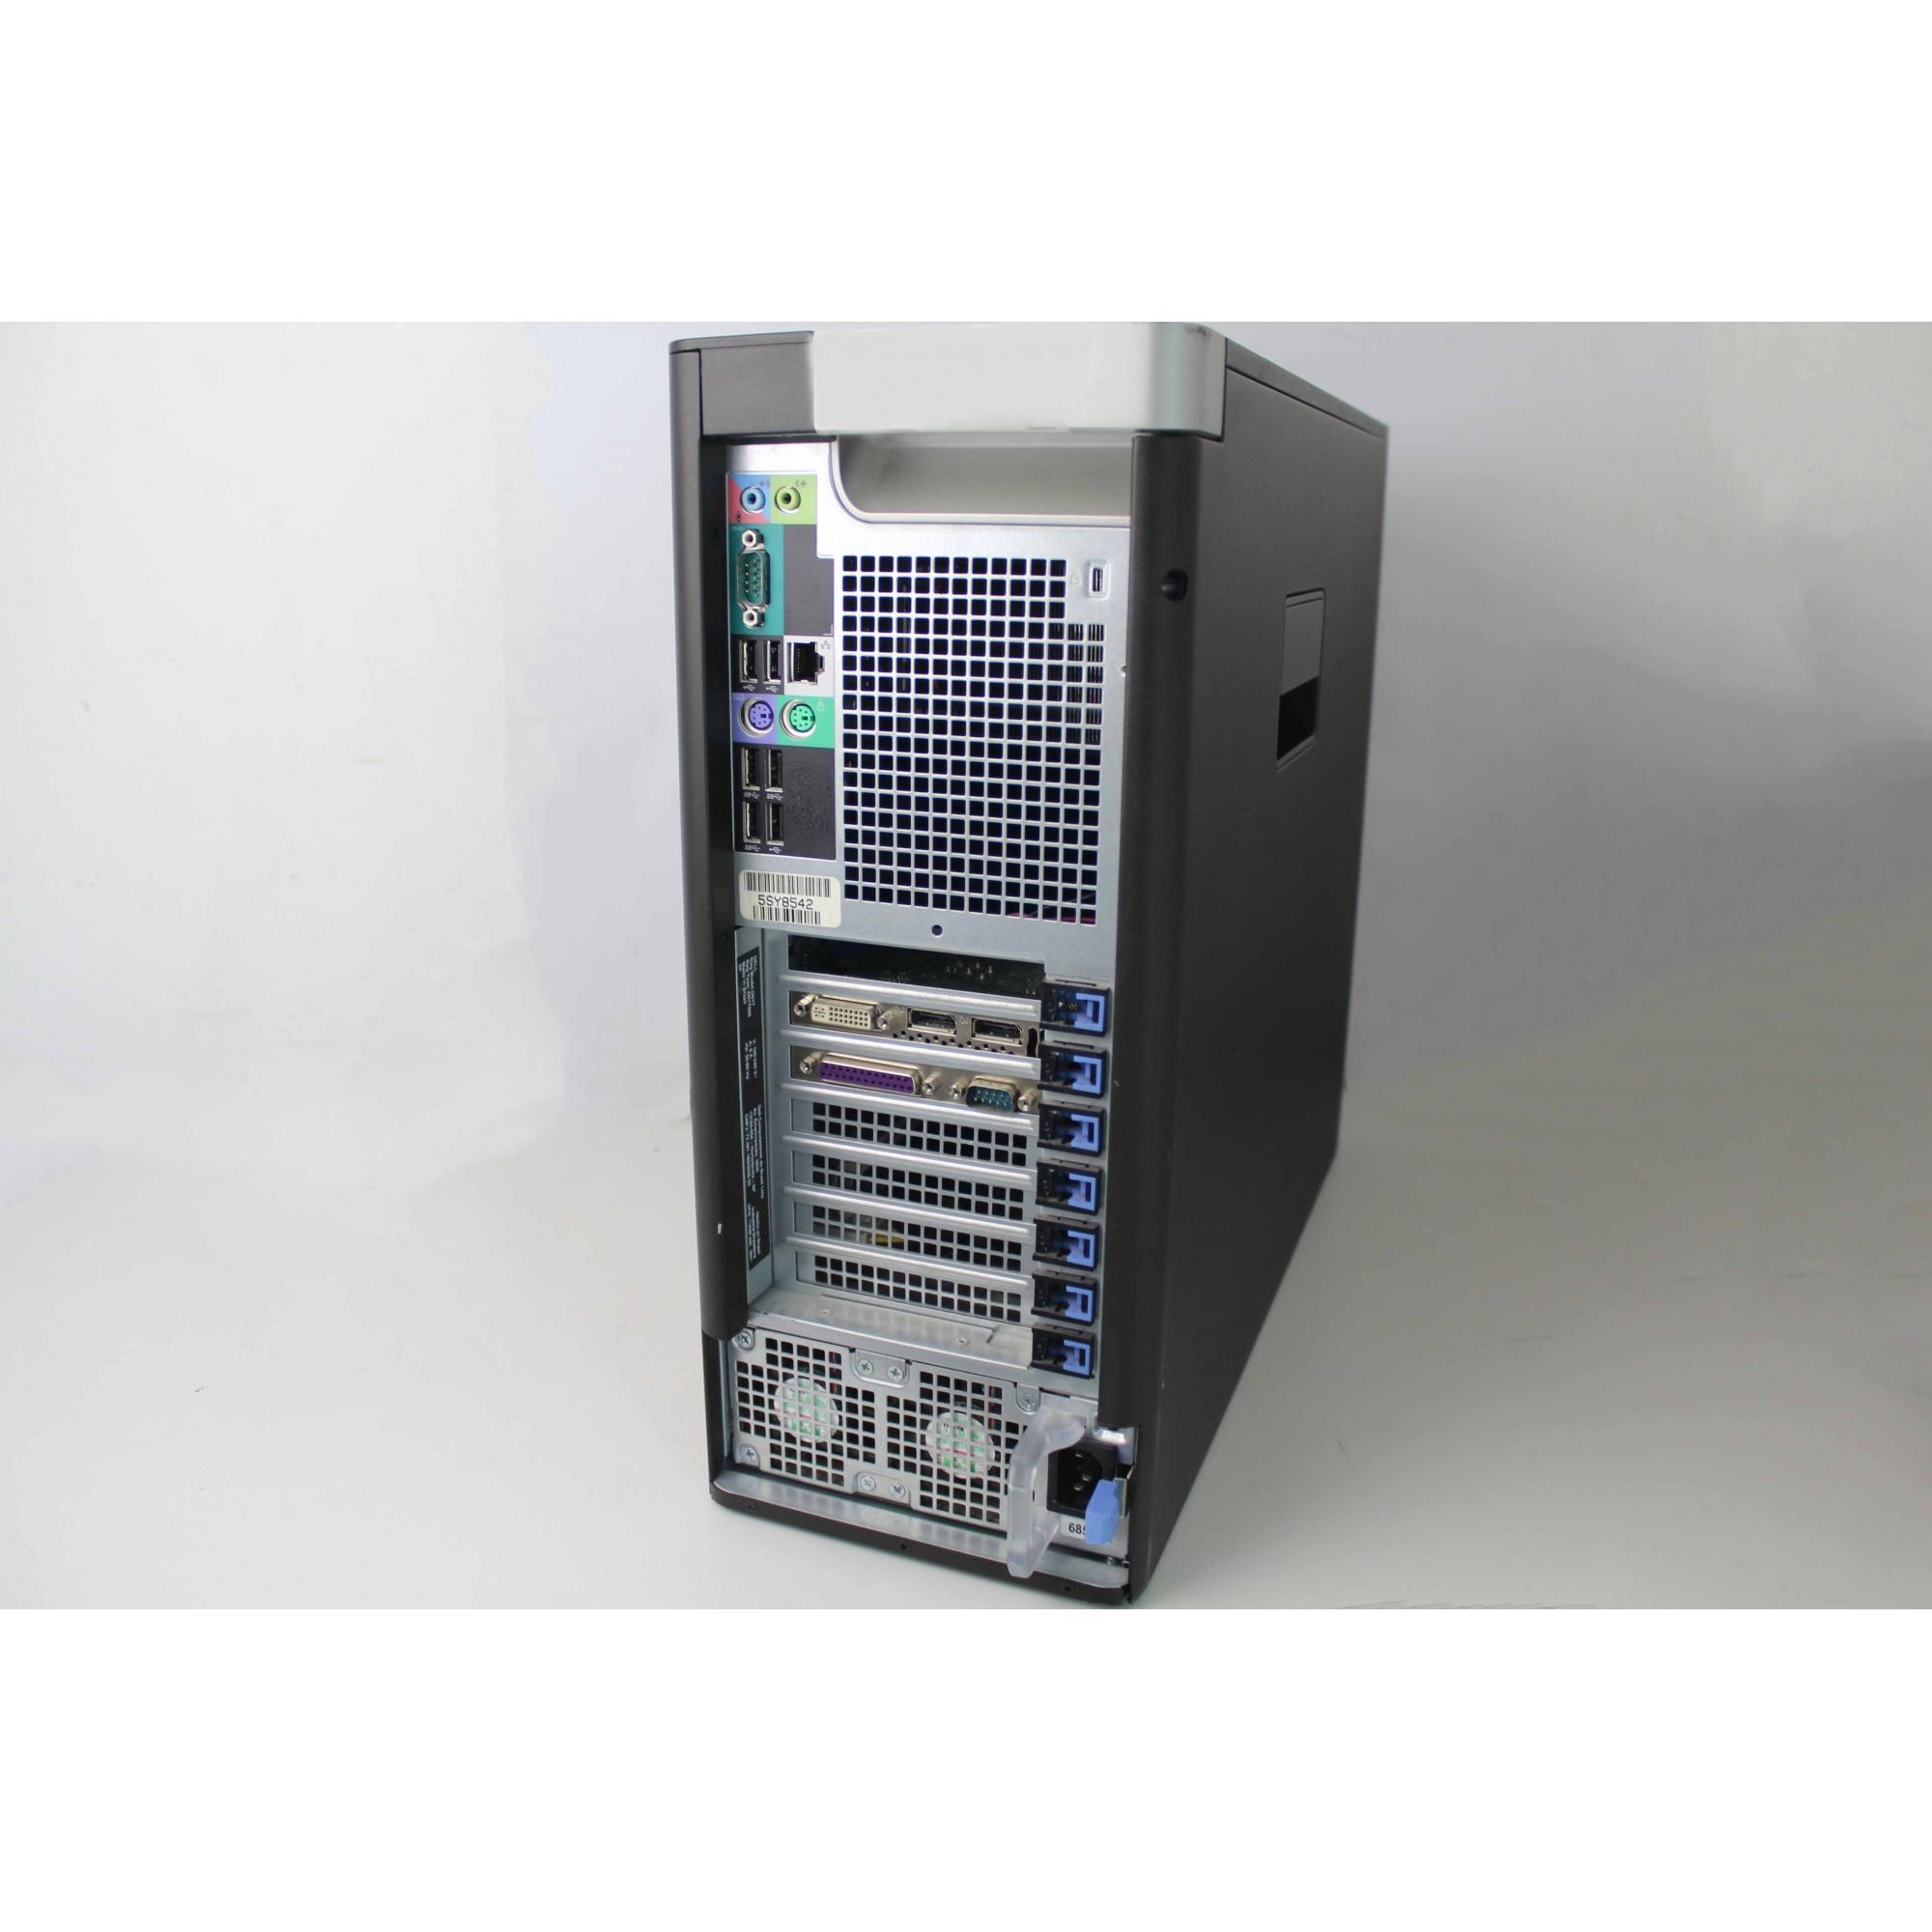 WORK COMPUTADOR DELL PRECISION TOWER 5810 INTEL XEON QUAD 3.5GHZ TURBO 64GB HD-500GB + 4GB DEDICADA